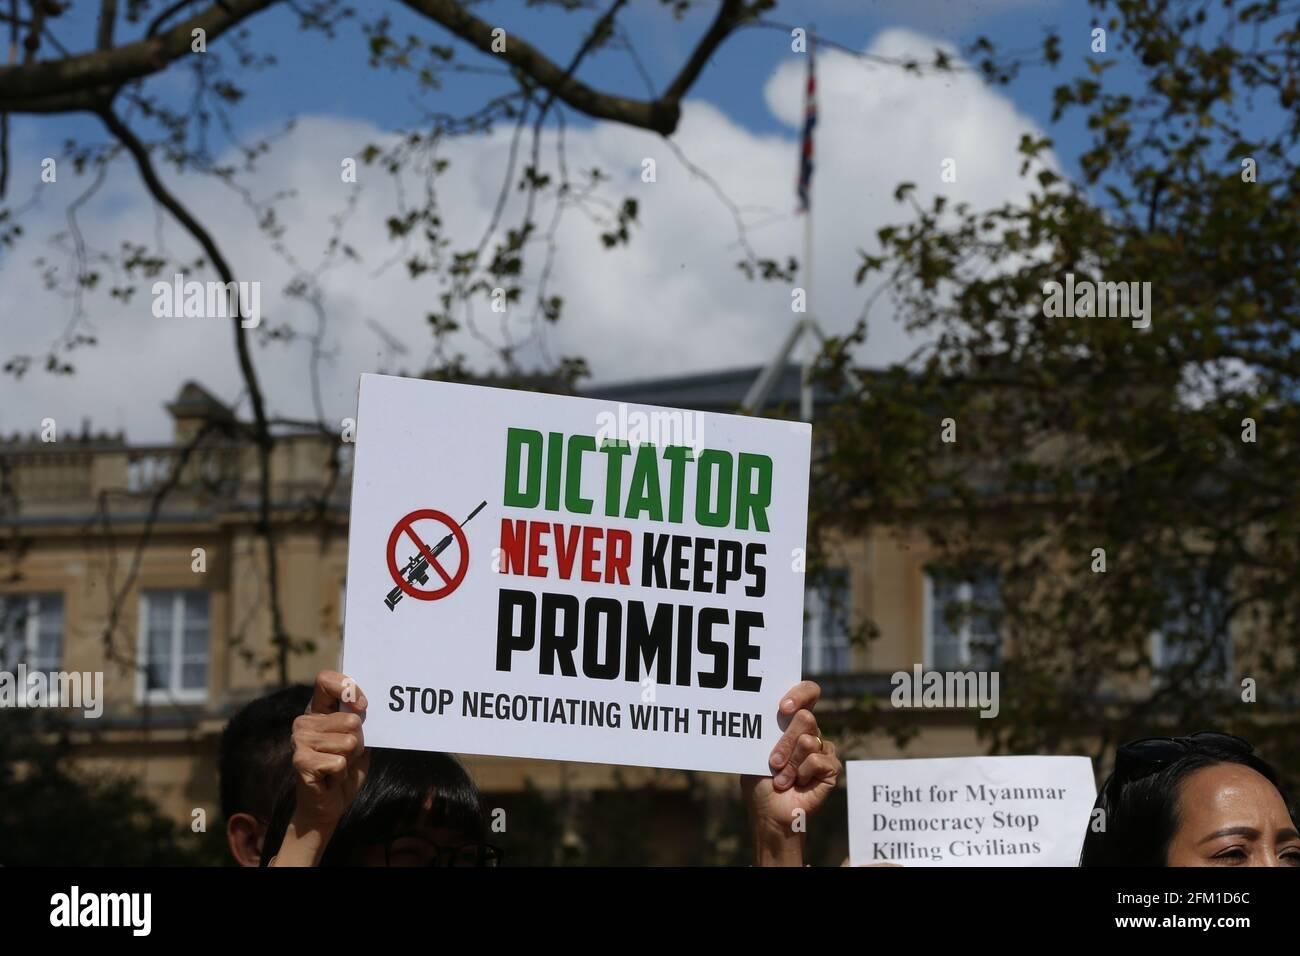 Londres, Angleterre, Royaume-Uni. 5 mai 2021. Des membres de la diaspora birmane à Londres ont organisé une manifestation à l'extérieur de Lancaster House, dans le centre de Londres, où les ministres des Affaires étrangères du G7 se sont réunis. Les manifestants ont appelé les États membres du G7 à prendre des mesures contre le régime militaire du Myanmar qui a pris le contrôle du pays en février après un coup d'État. Credit: Tayfun Salci/ZUMA Wire/Alay Live News Banque D'Images